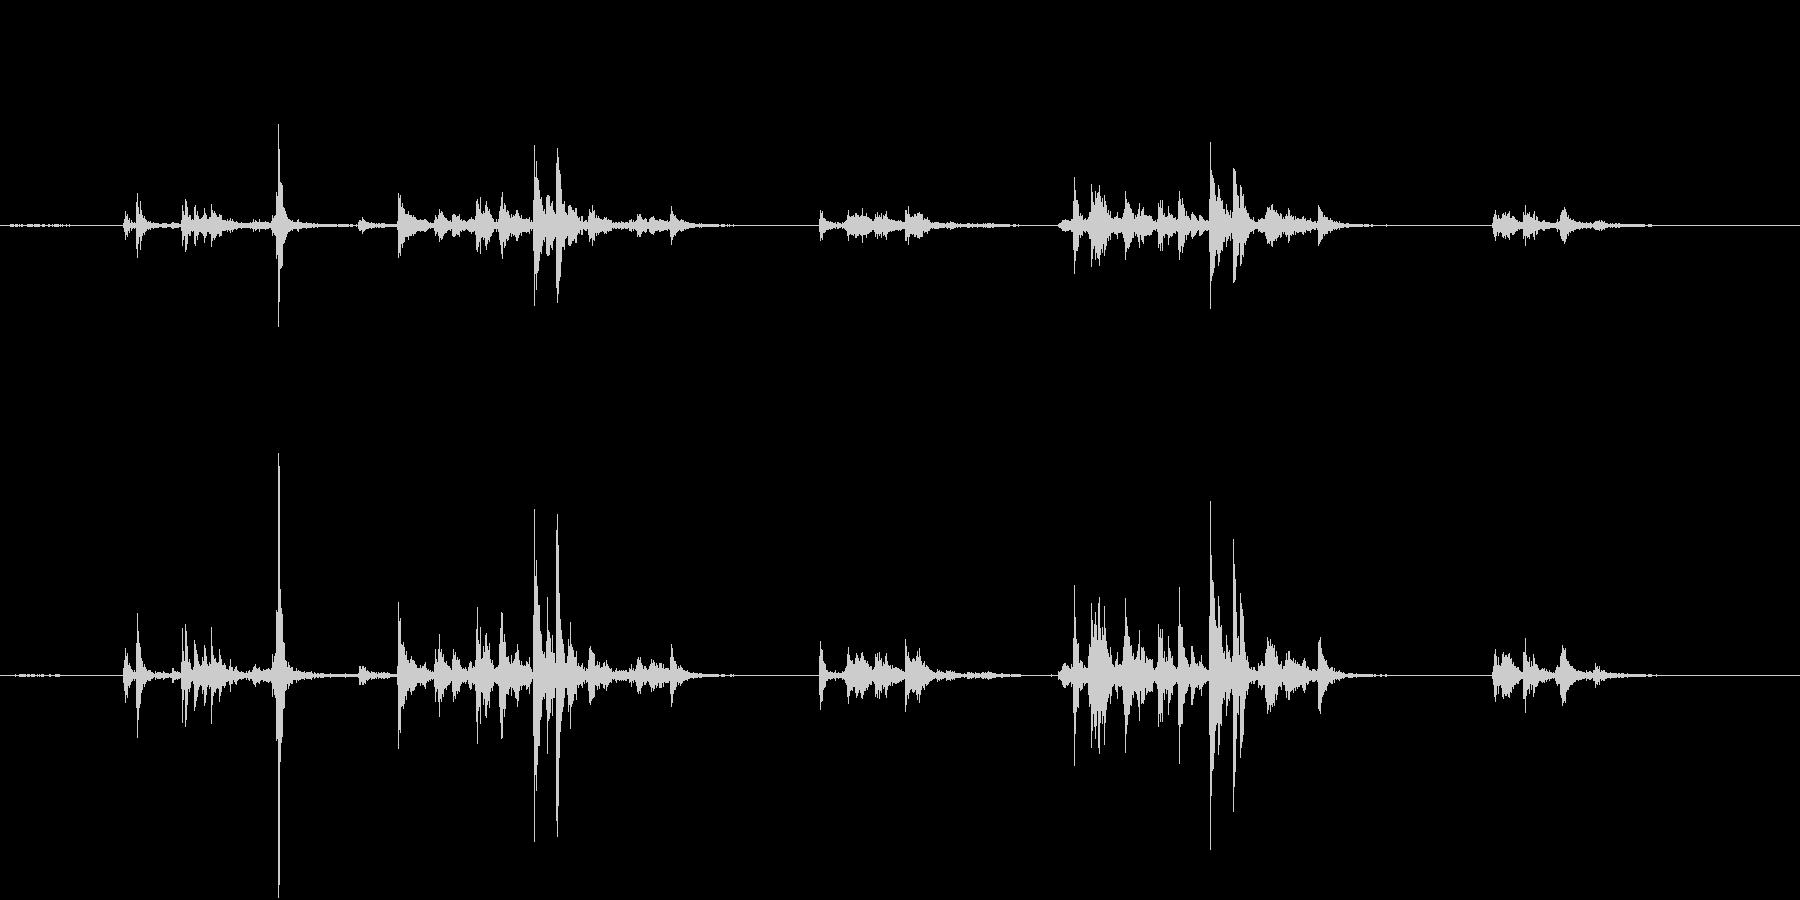 【生録音】自動販売機に小銭を入れる音の未再生の波形